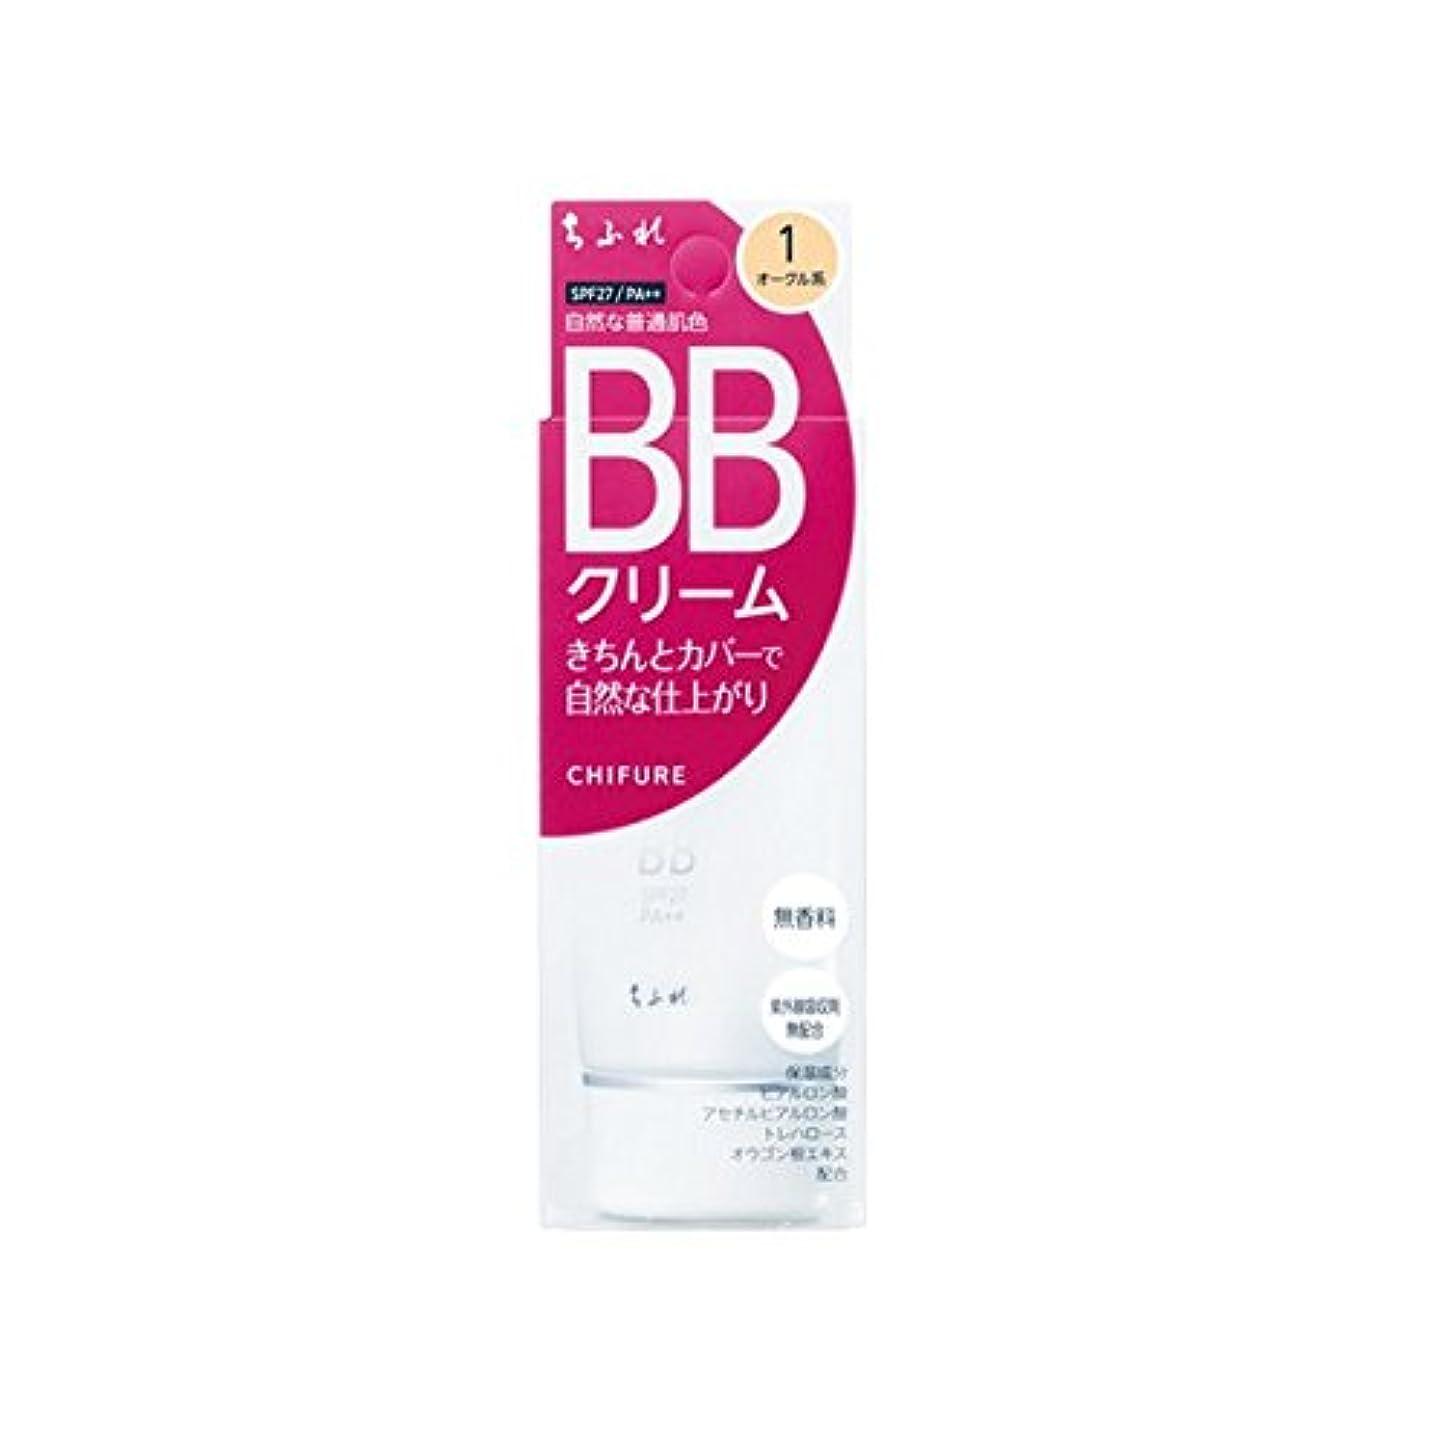 塩恥導出ちふれ化粧品 BB クリーム 1 自然な普通肌色 BBクリーム 1